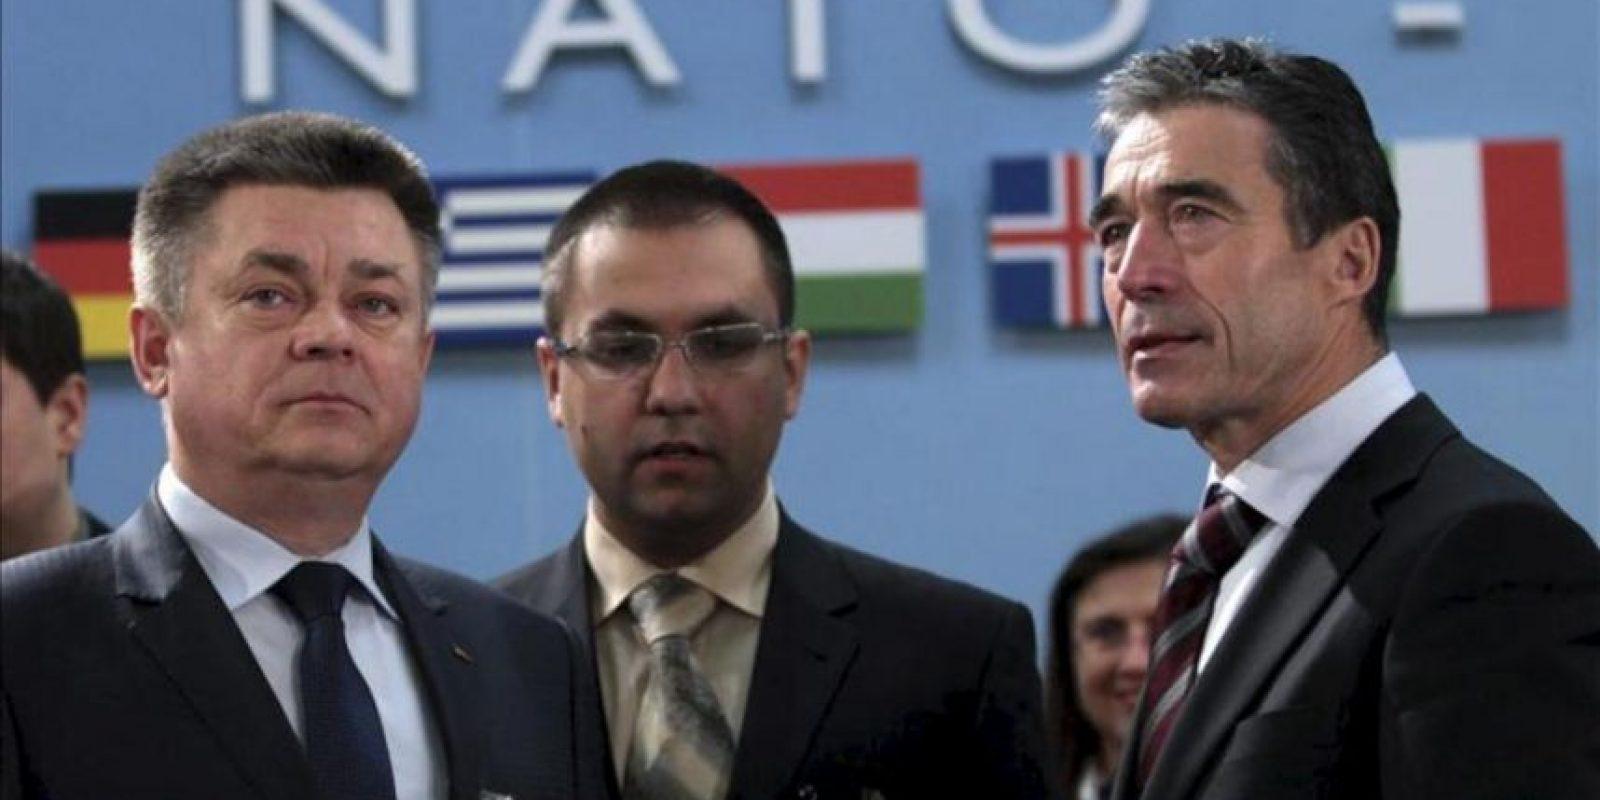 El ministro ucraniano de Defensa, Pavlo Lebedev (izq), charla con el secretario general de la OTAN, el danés Anders Fogh Rasmussen (der), antes del encuentro de los ministros de Defensa de la Alianza Atlántica con Ucrania, en la sede de la organización en Bruselas, Bélgica, hoy viernes 22 de febrero de 2013. EFE